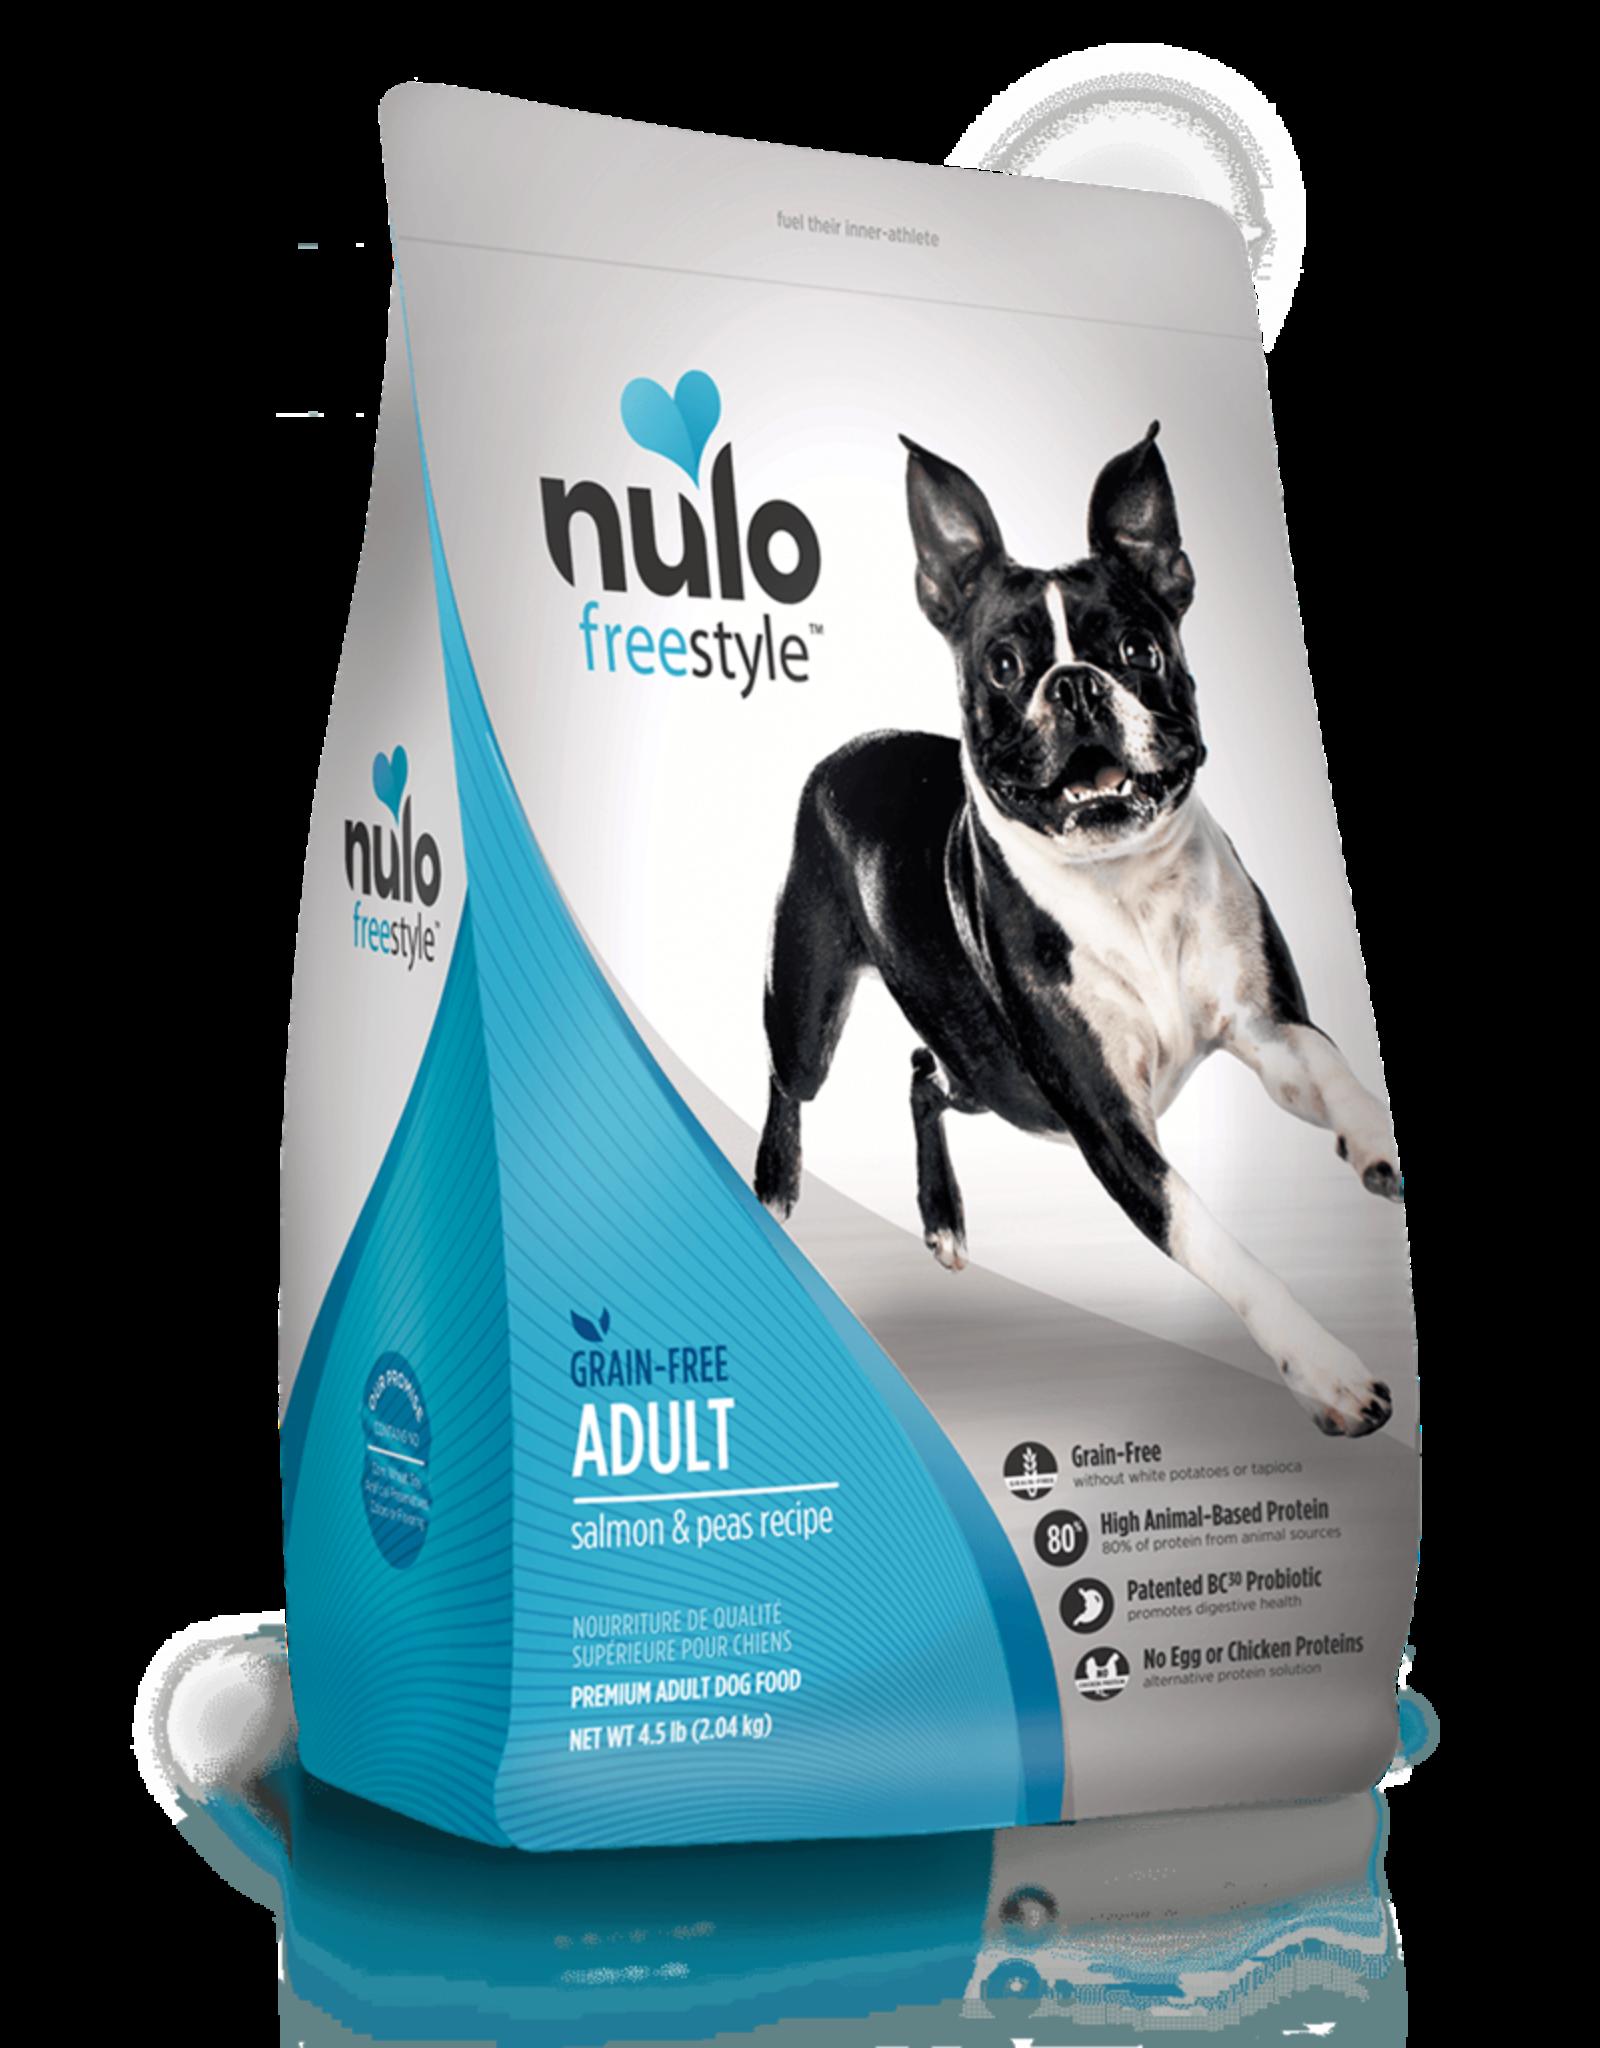 Nulo Dog Freestyle Salmon & Peas - Grain-Free 4.5lb